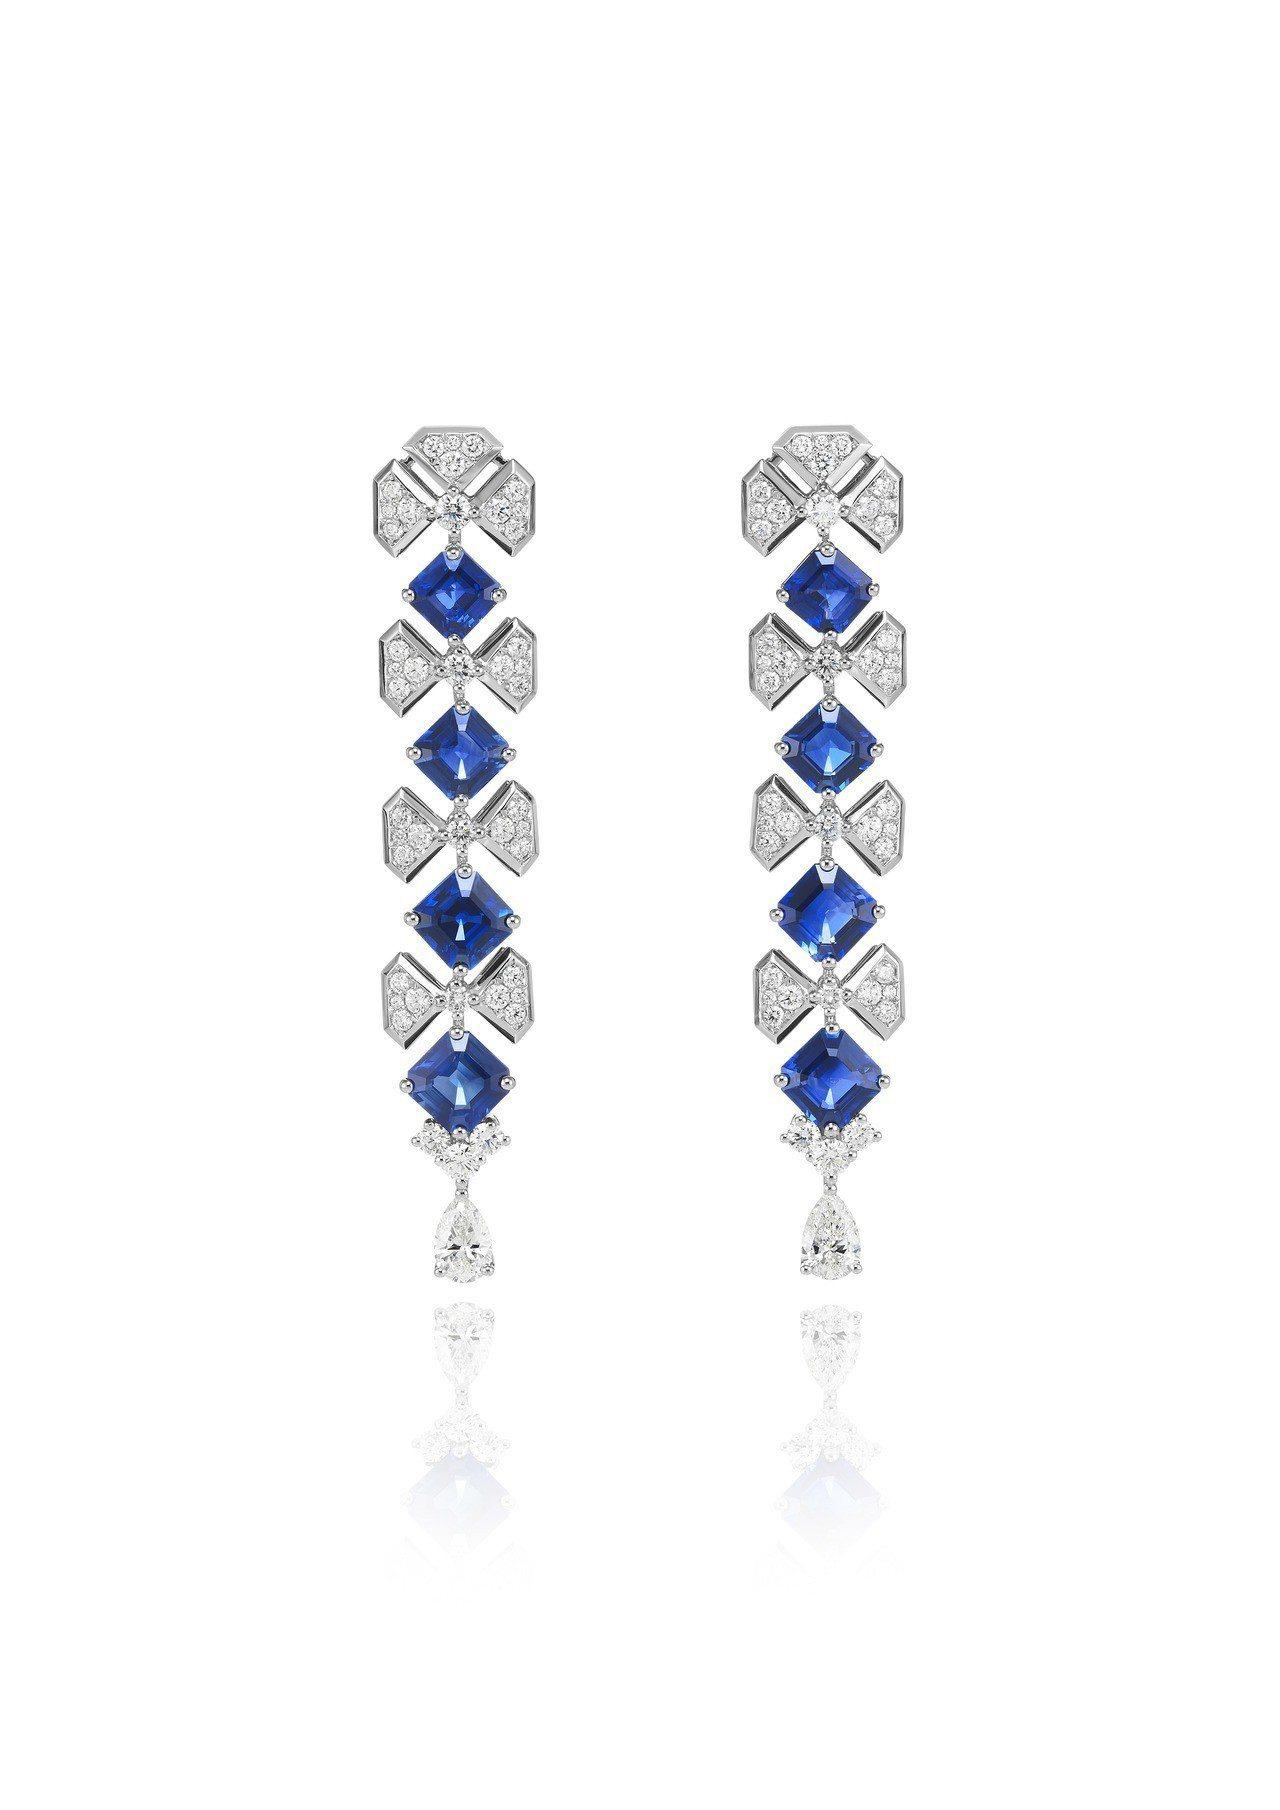 蕭邦頂級珠寶系列18K白金手環鑲嵌總重9.9克拉藍寶石與2.61克拉鑽石,326...